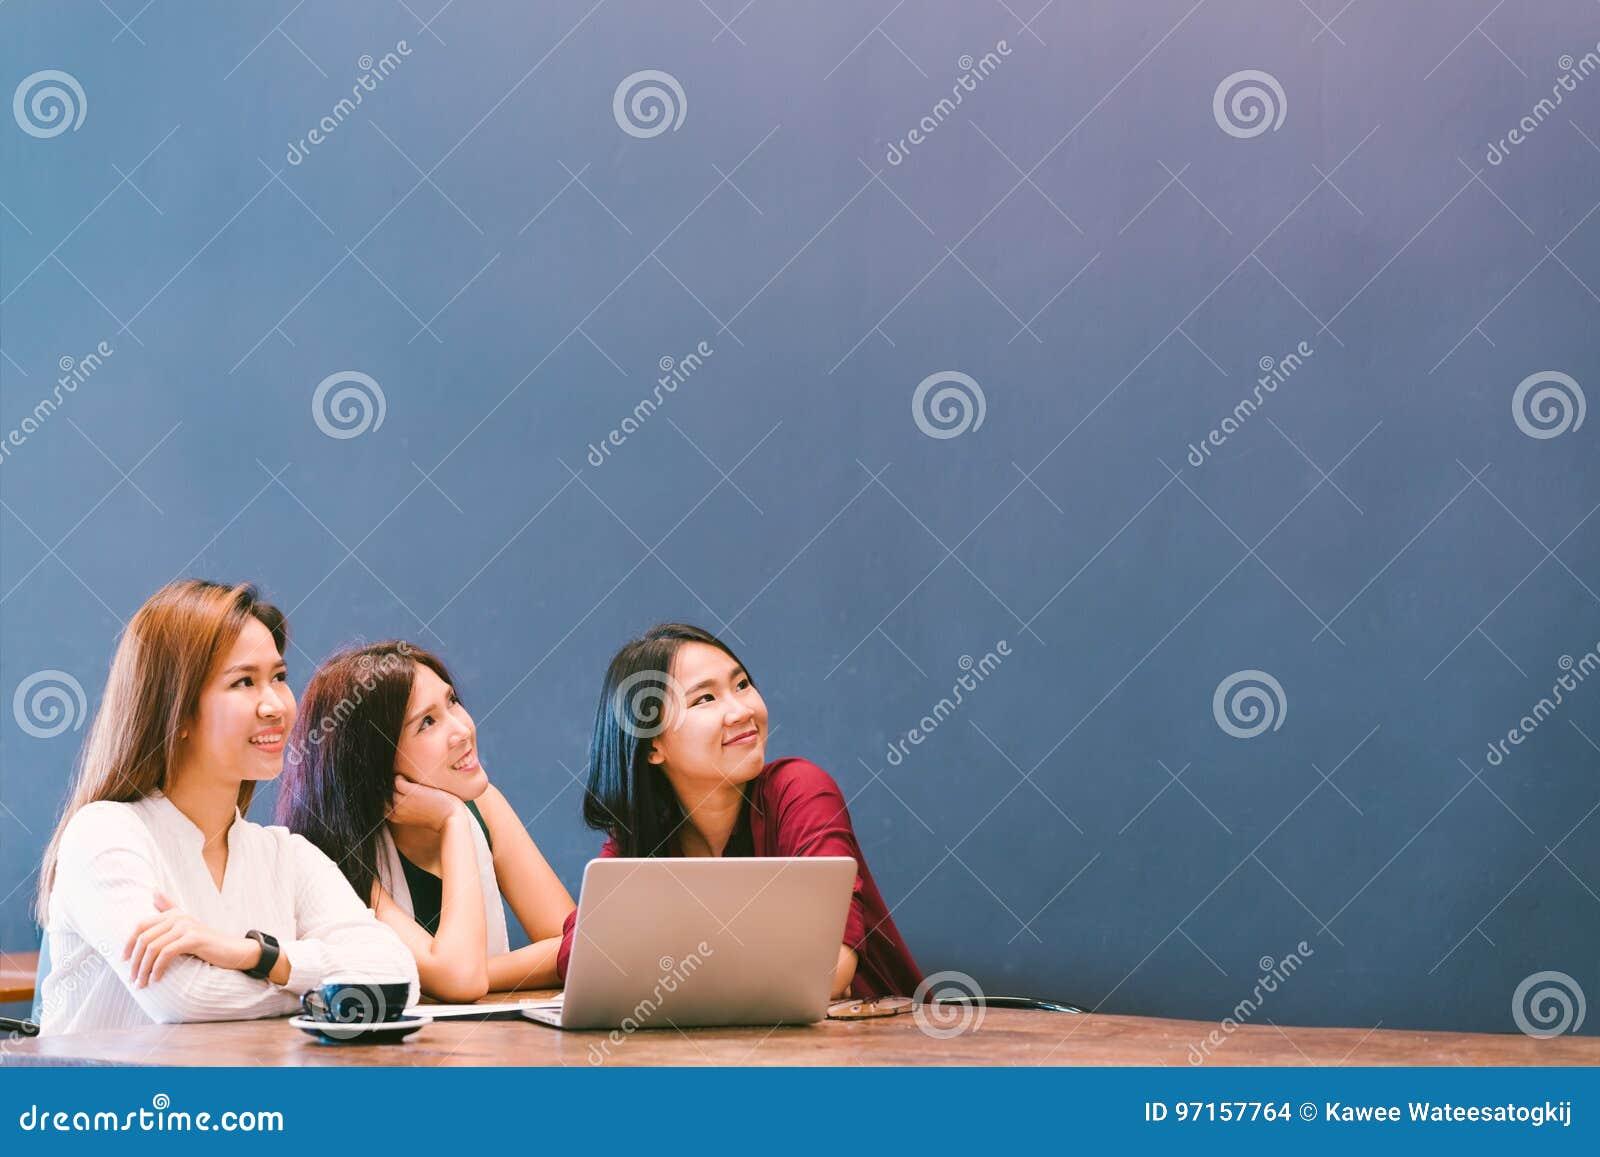 Três meninas asiáticas bonitas que olham para cima para copiar o espaço ao trabalhar no café, estilo de vida moderno com conceito